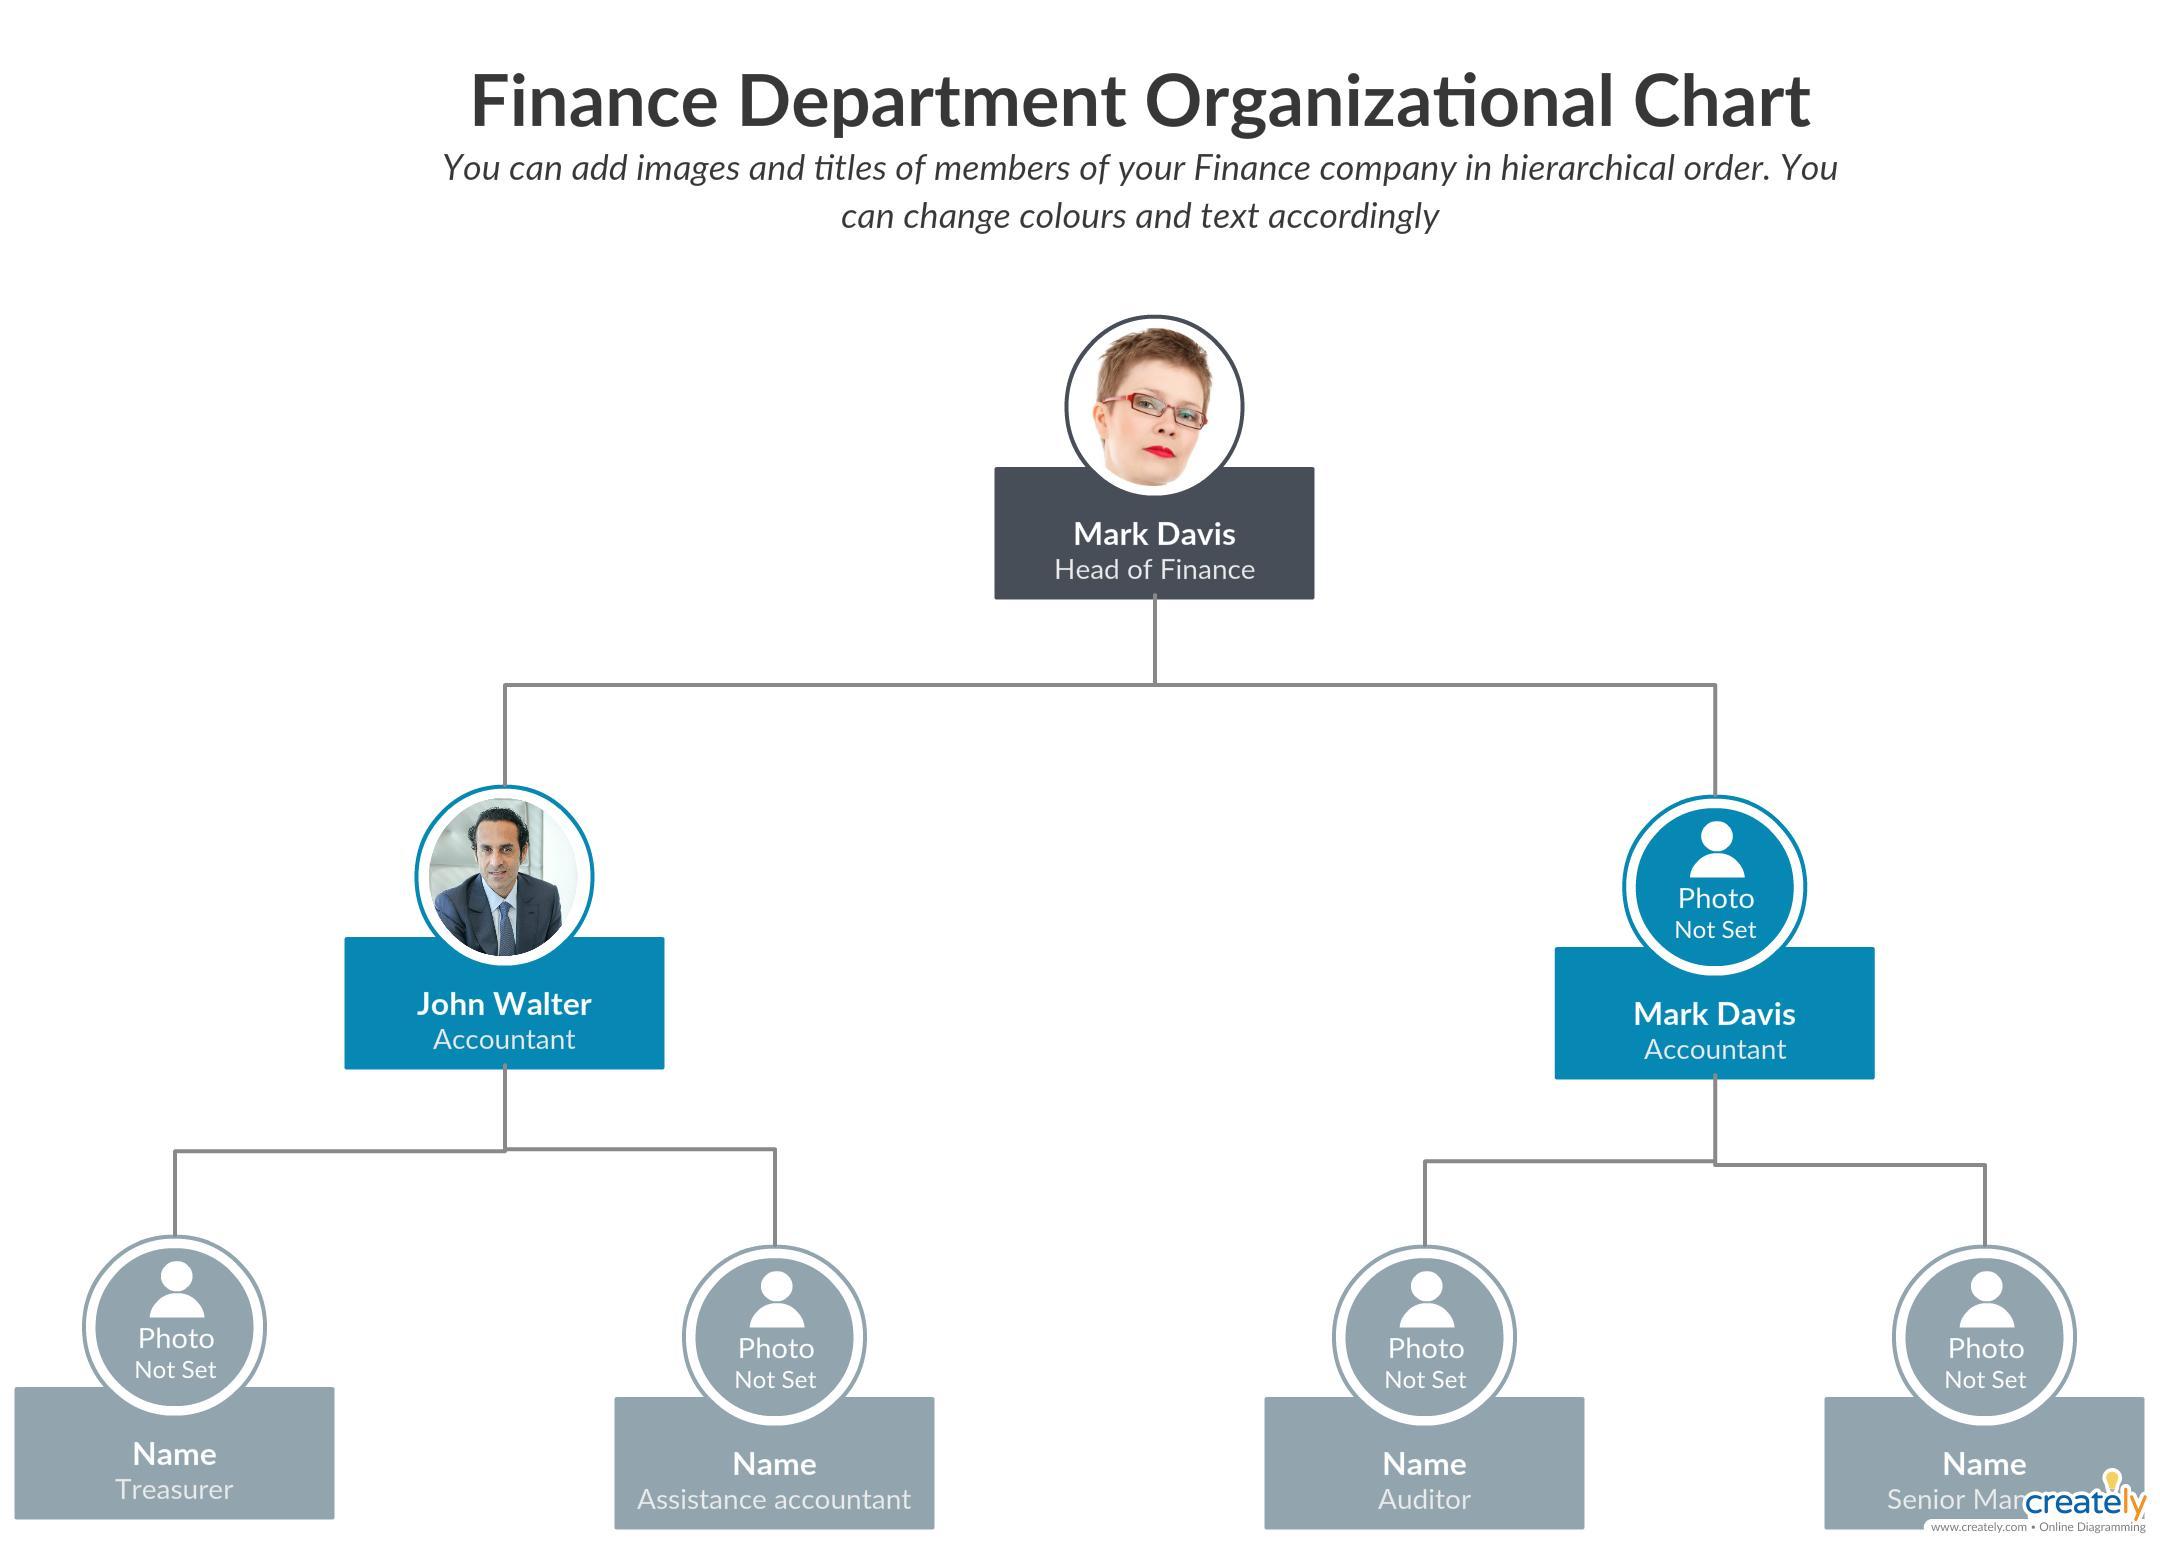 Finance Department Organizational Chart Template